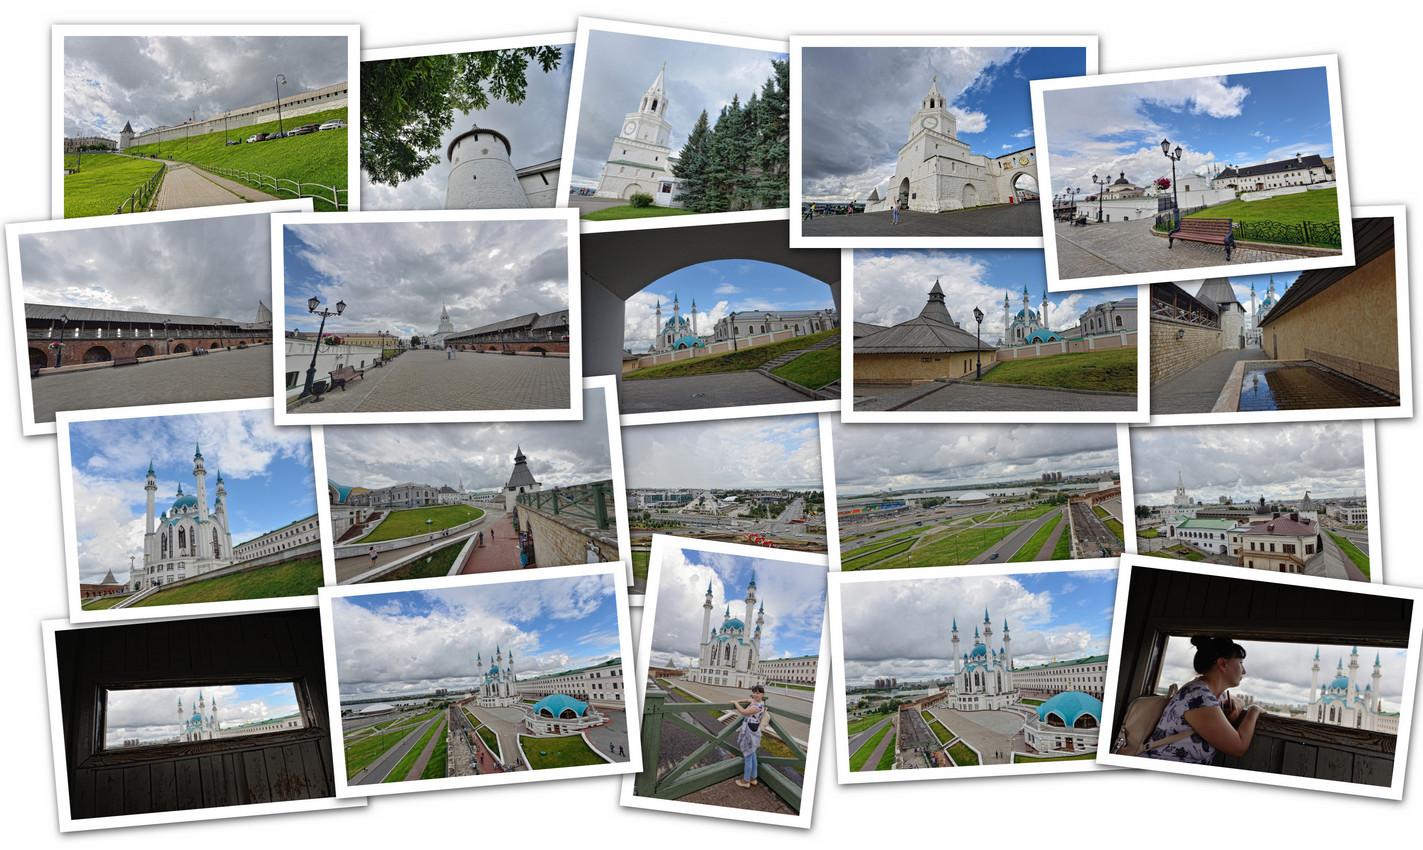 APC_Collage - 2020.08.18 20.23 - 001